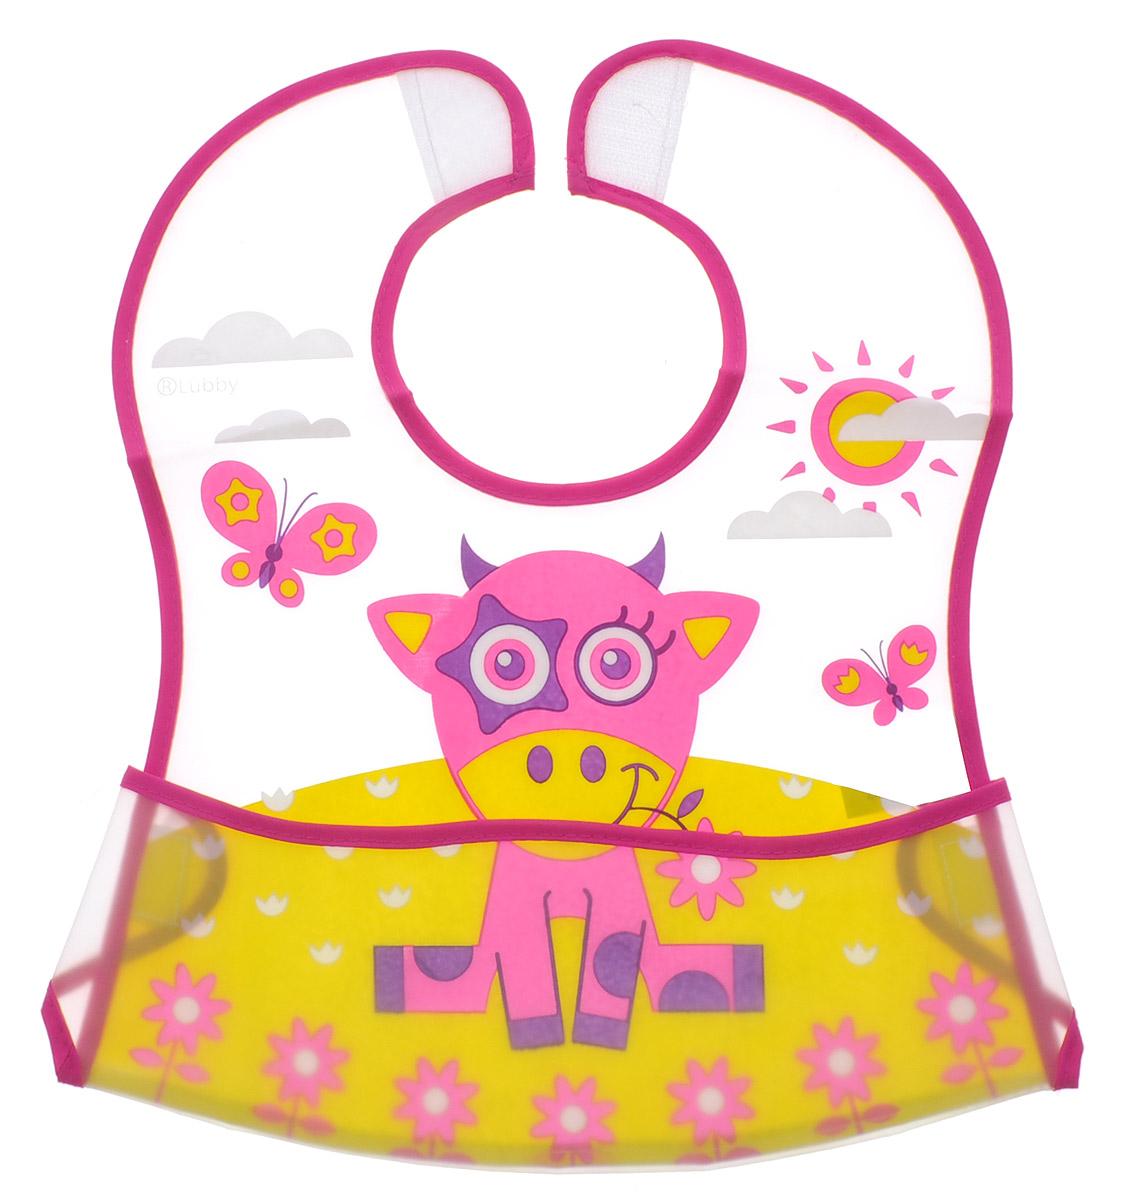 Lubby Нагрудник на липучке В мире животных цвет розовый желтый